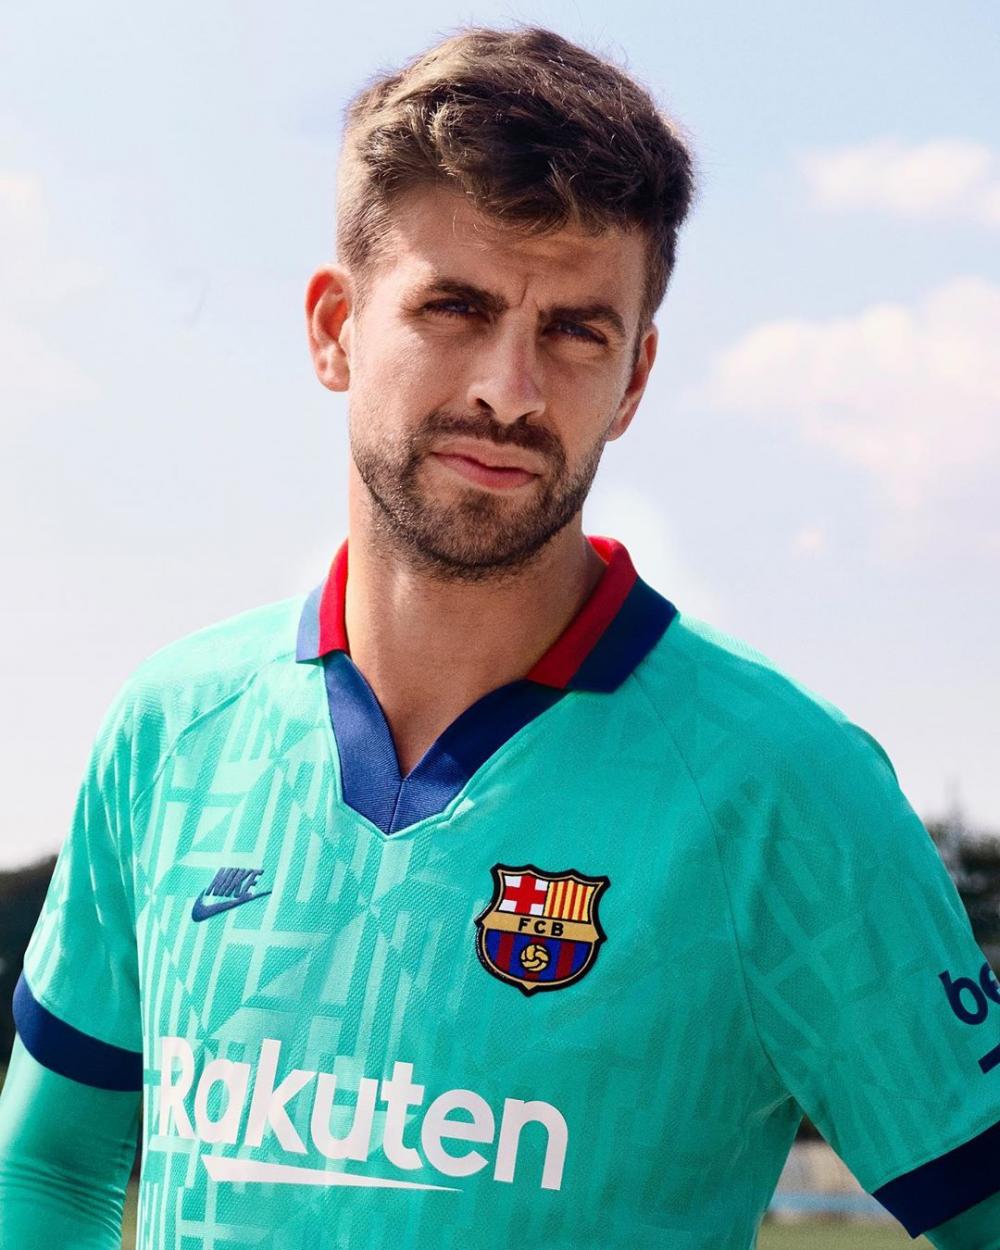 10 Potret Menawan Gerard Pique, Bek Barcelona yang Jadi Ayah Idaman